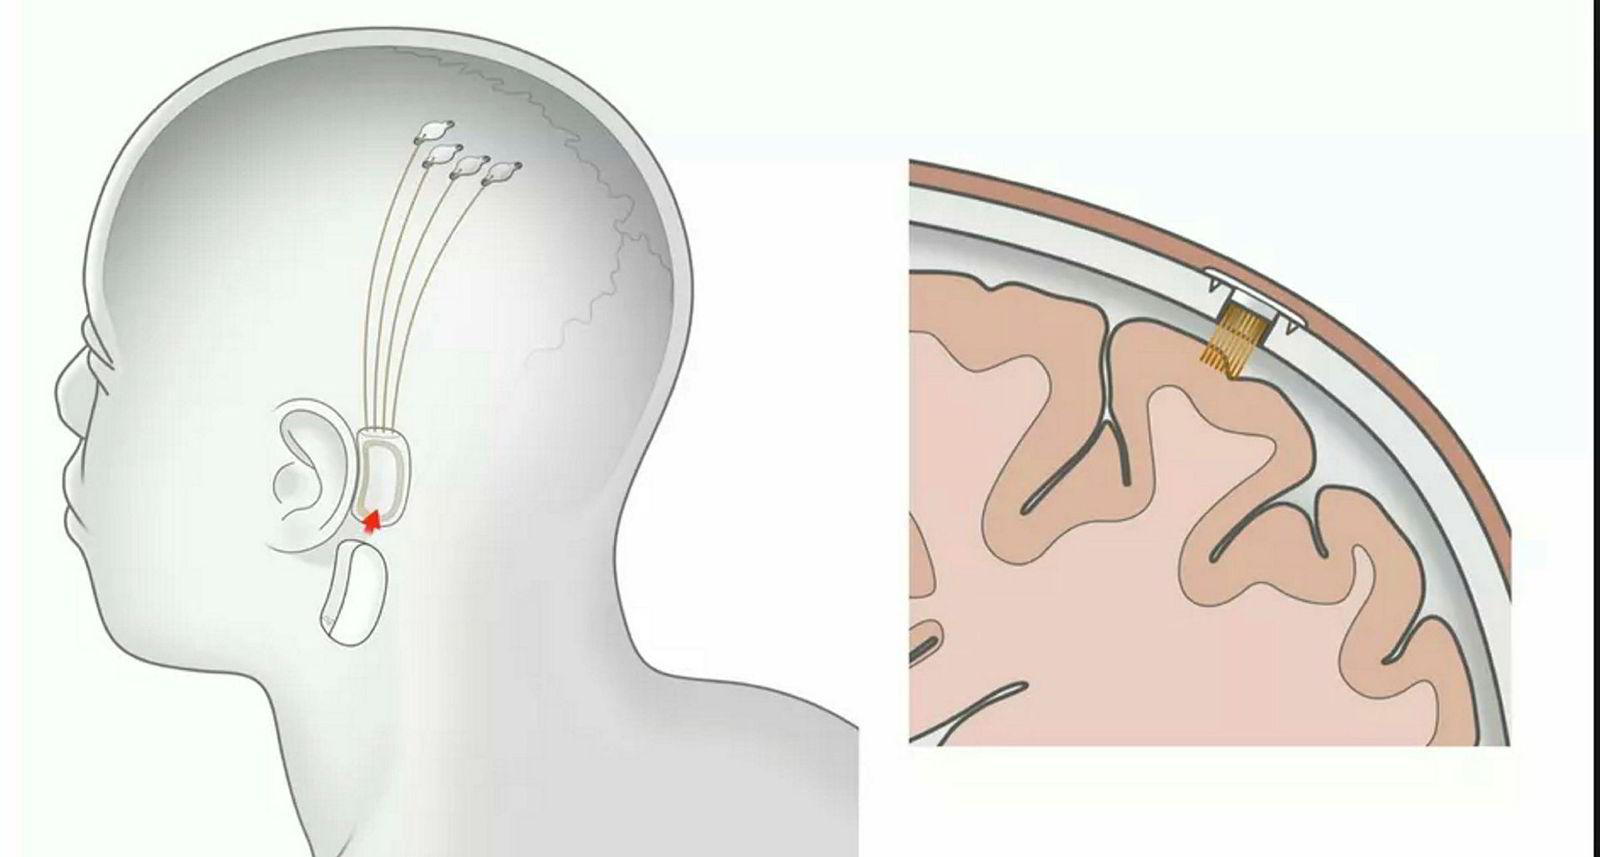 Neuralinks hjerneimplantat har en utvendig og en innvendig del. De innvendige delene skal være langt tryggere for brukeren enn dagens løsninger.